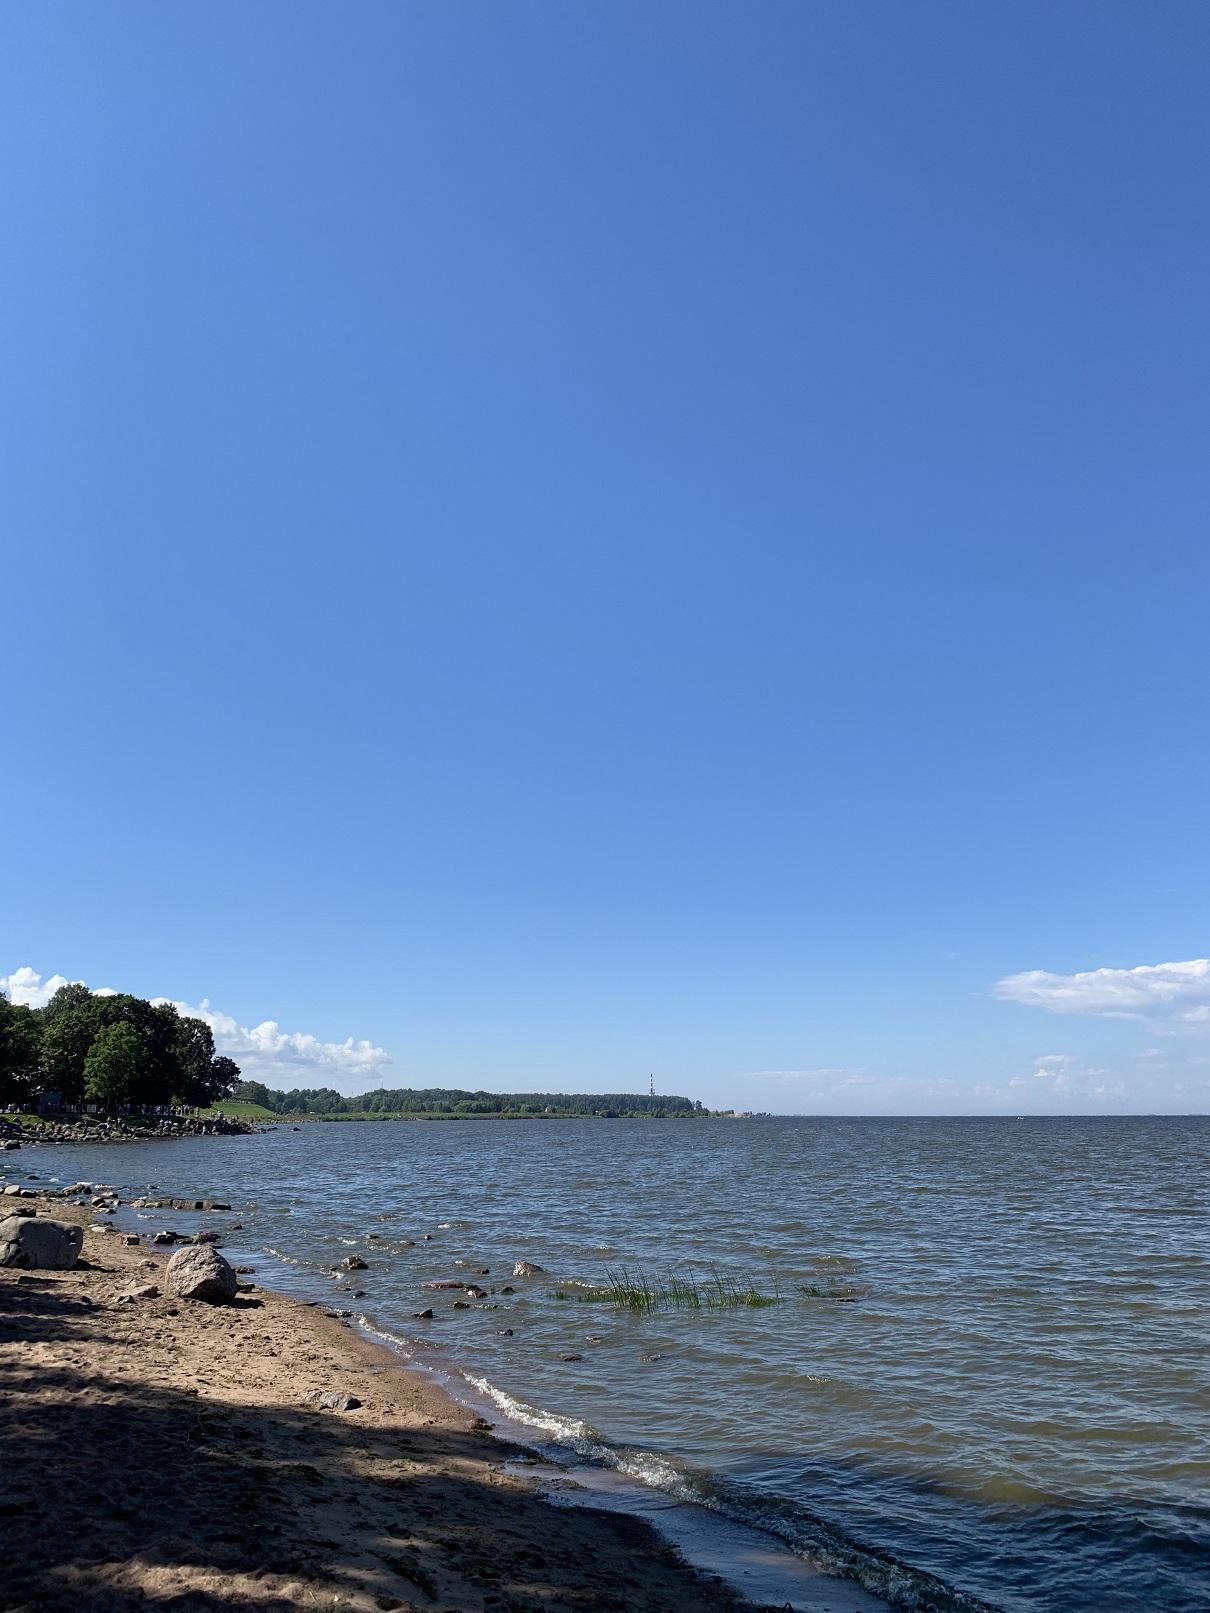 finskiy zaliv